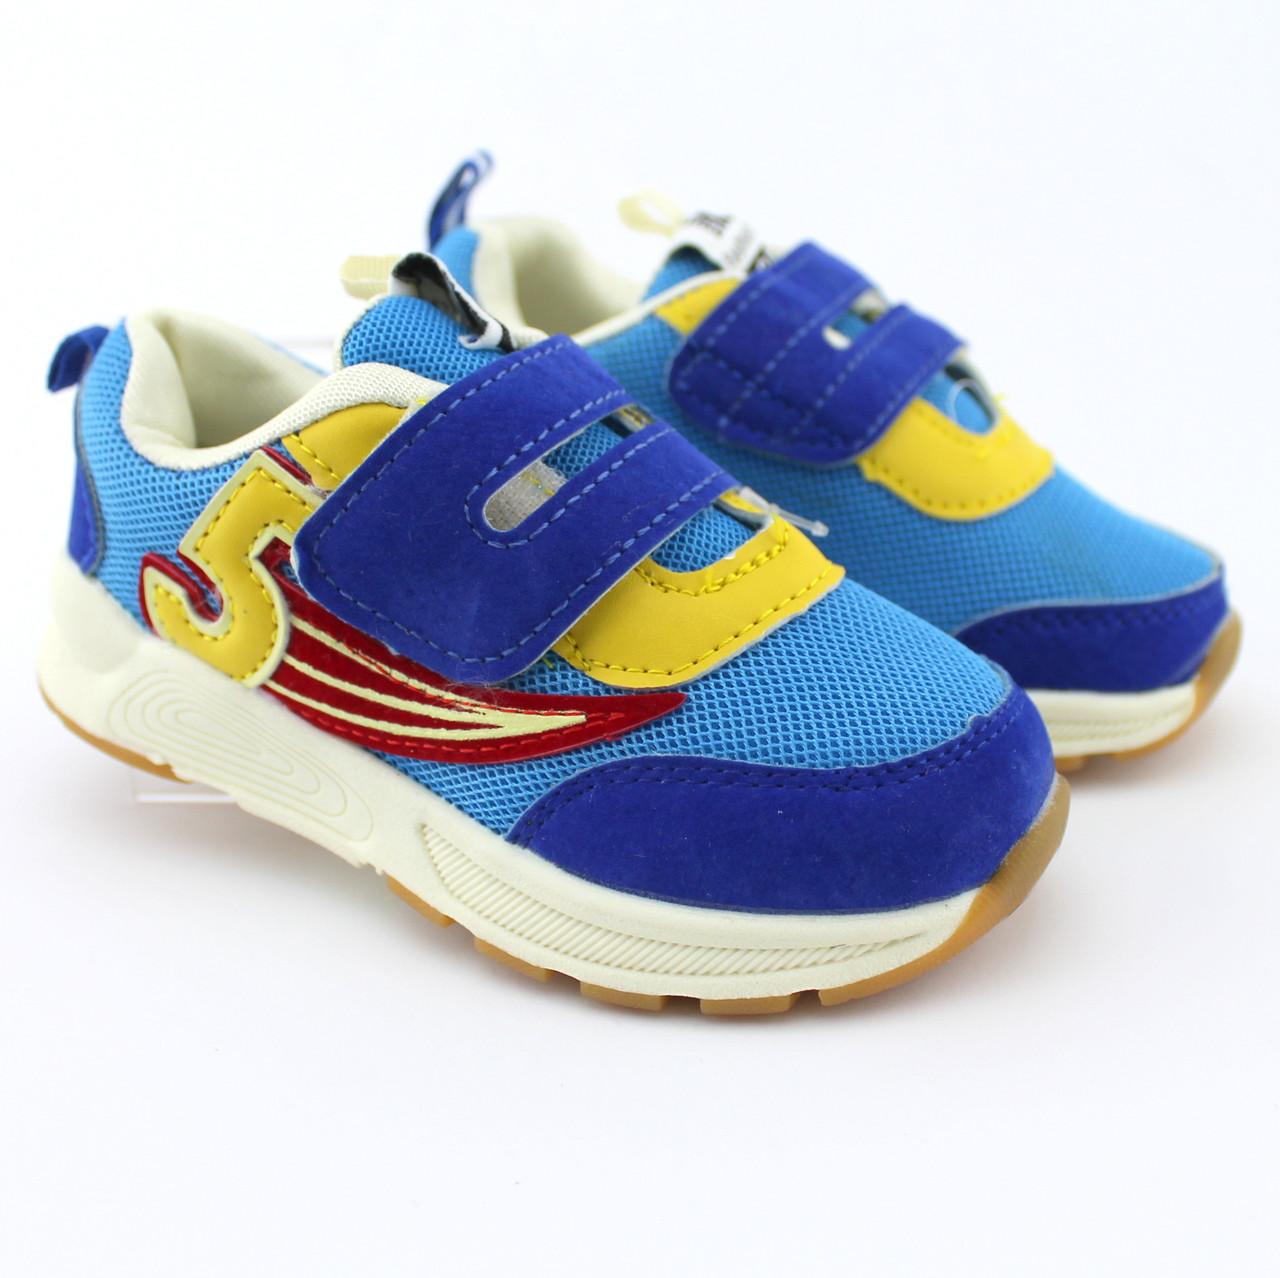 e749bc82 Детские кроссовки повседневные на мальчика тм Boyang размер 20,21,22,23 -